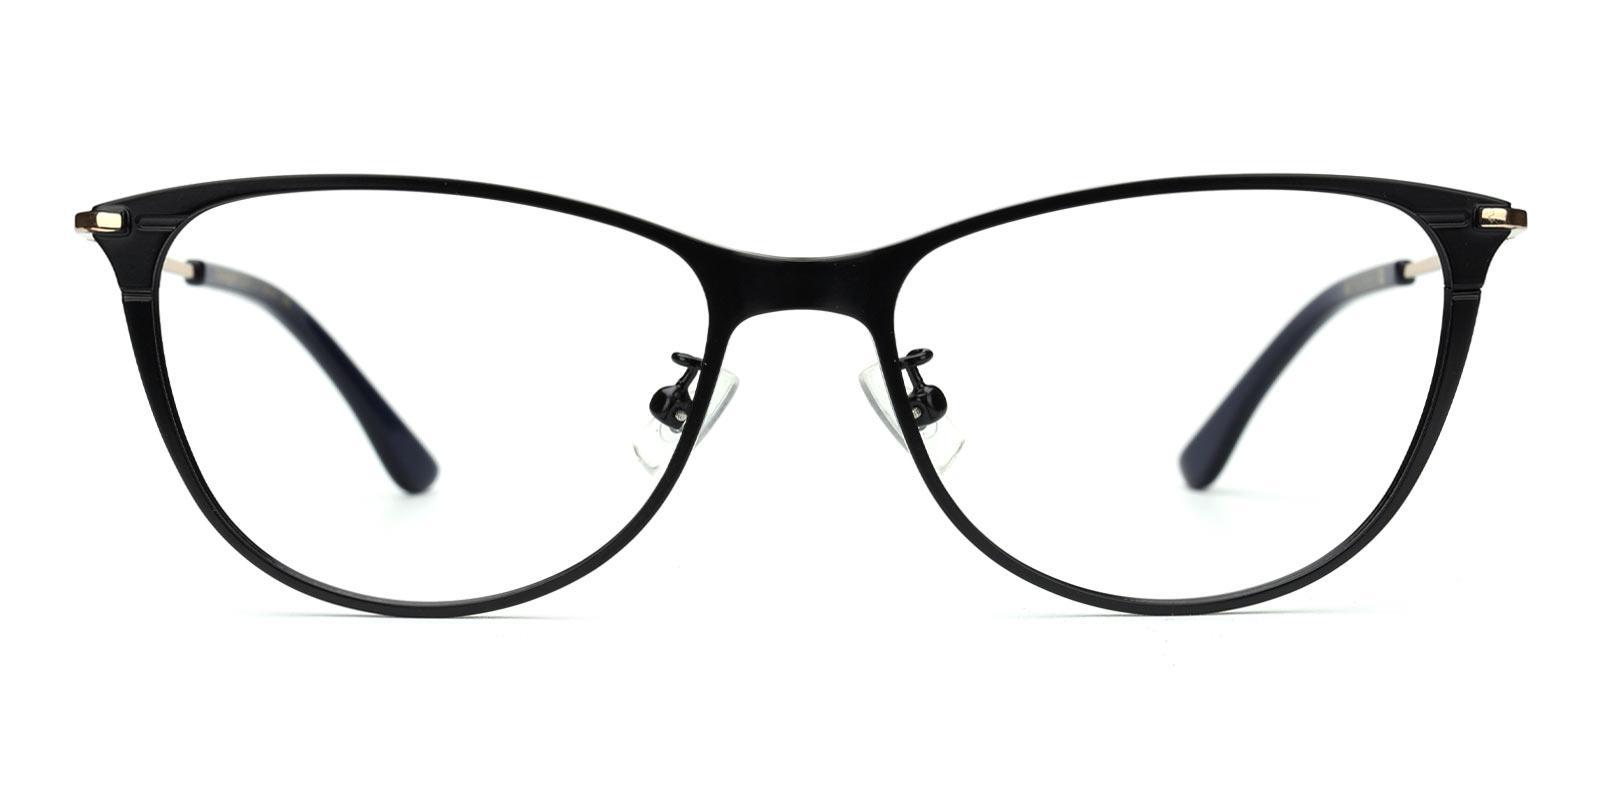 Carter-Black-Cat-Titanium-Eyeglasses-additional2